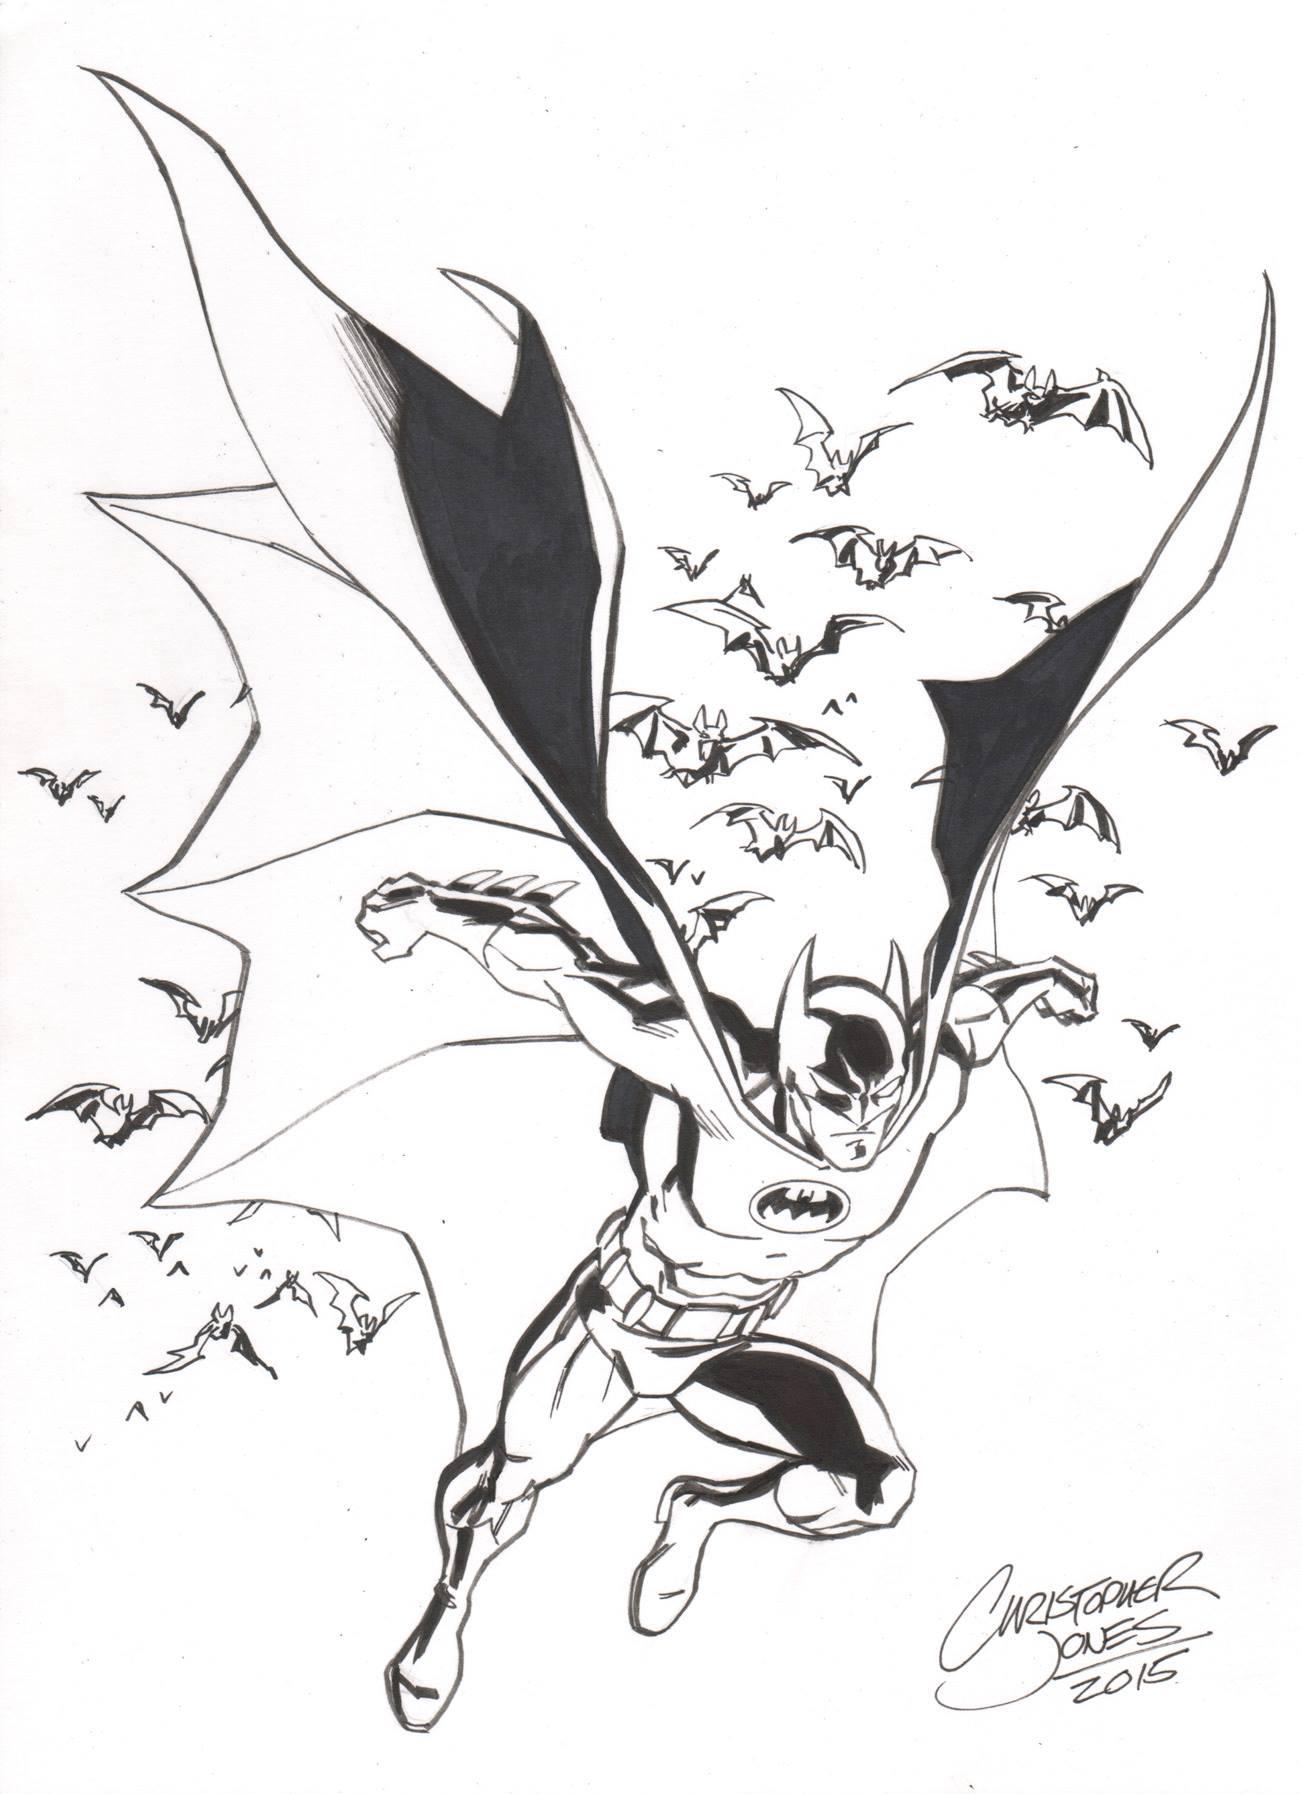 character sketch of batman